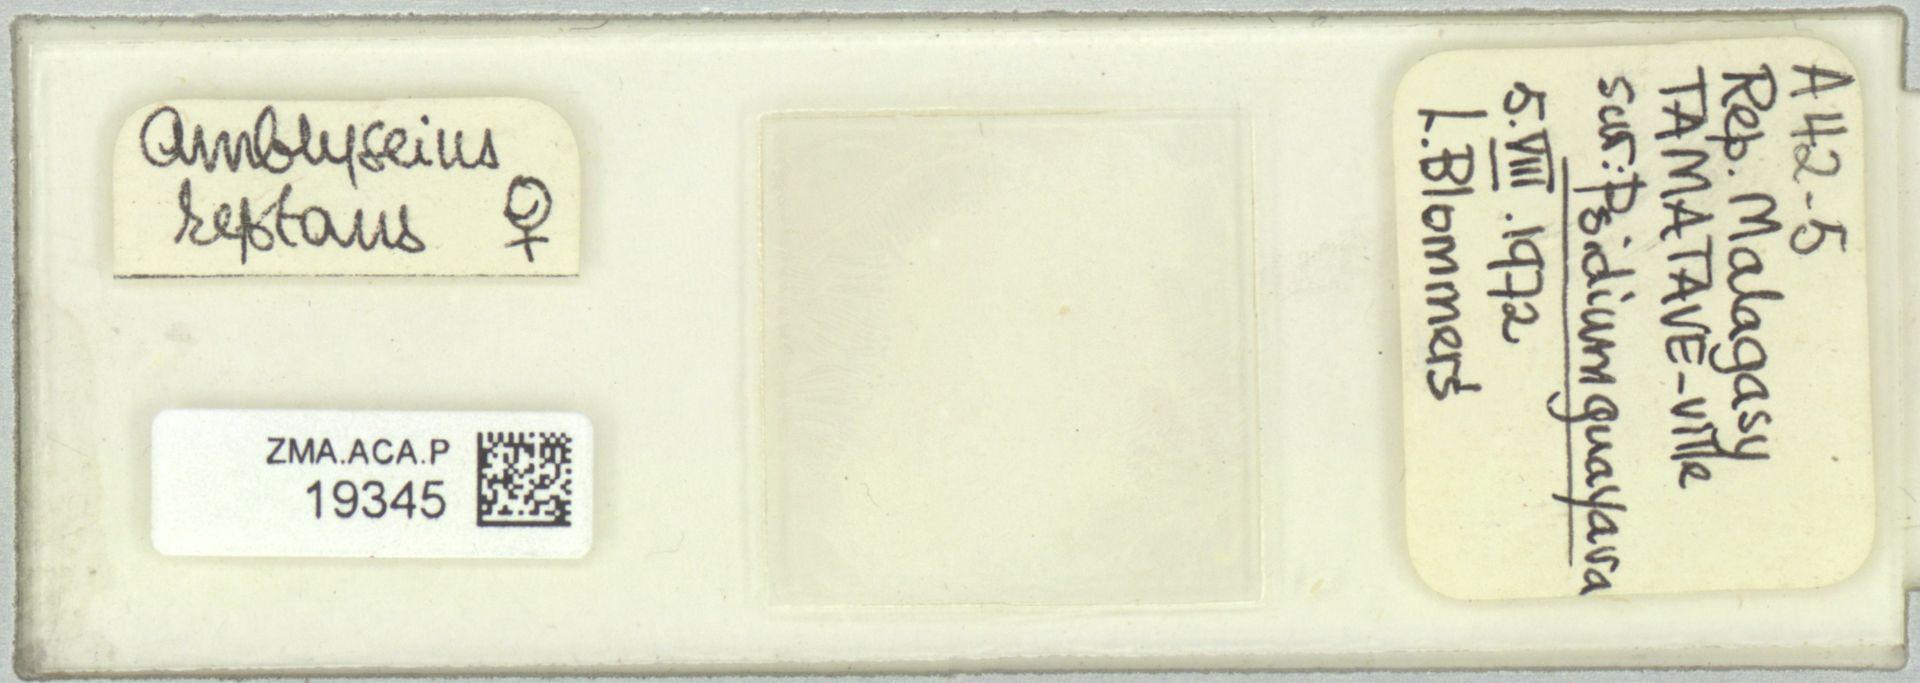 ZMA.ACA.P.19345 | Scapulaseius reptans (Blommers, 1974)